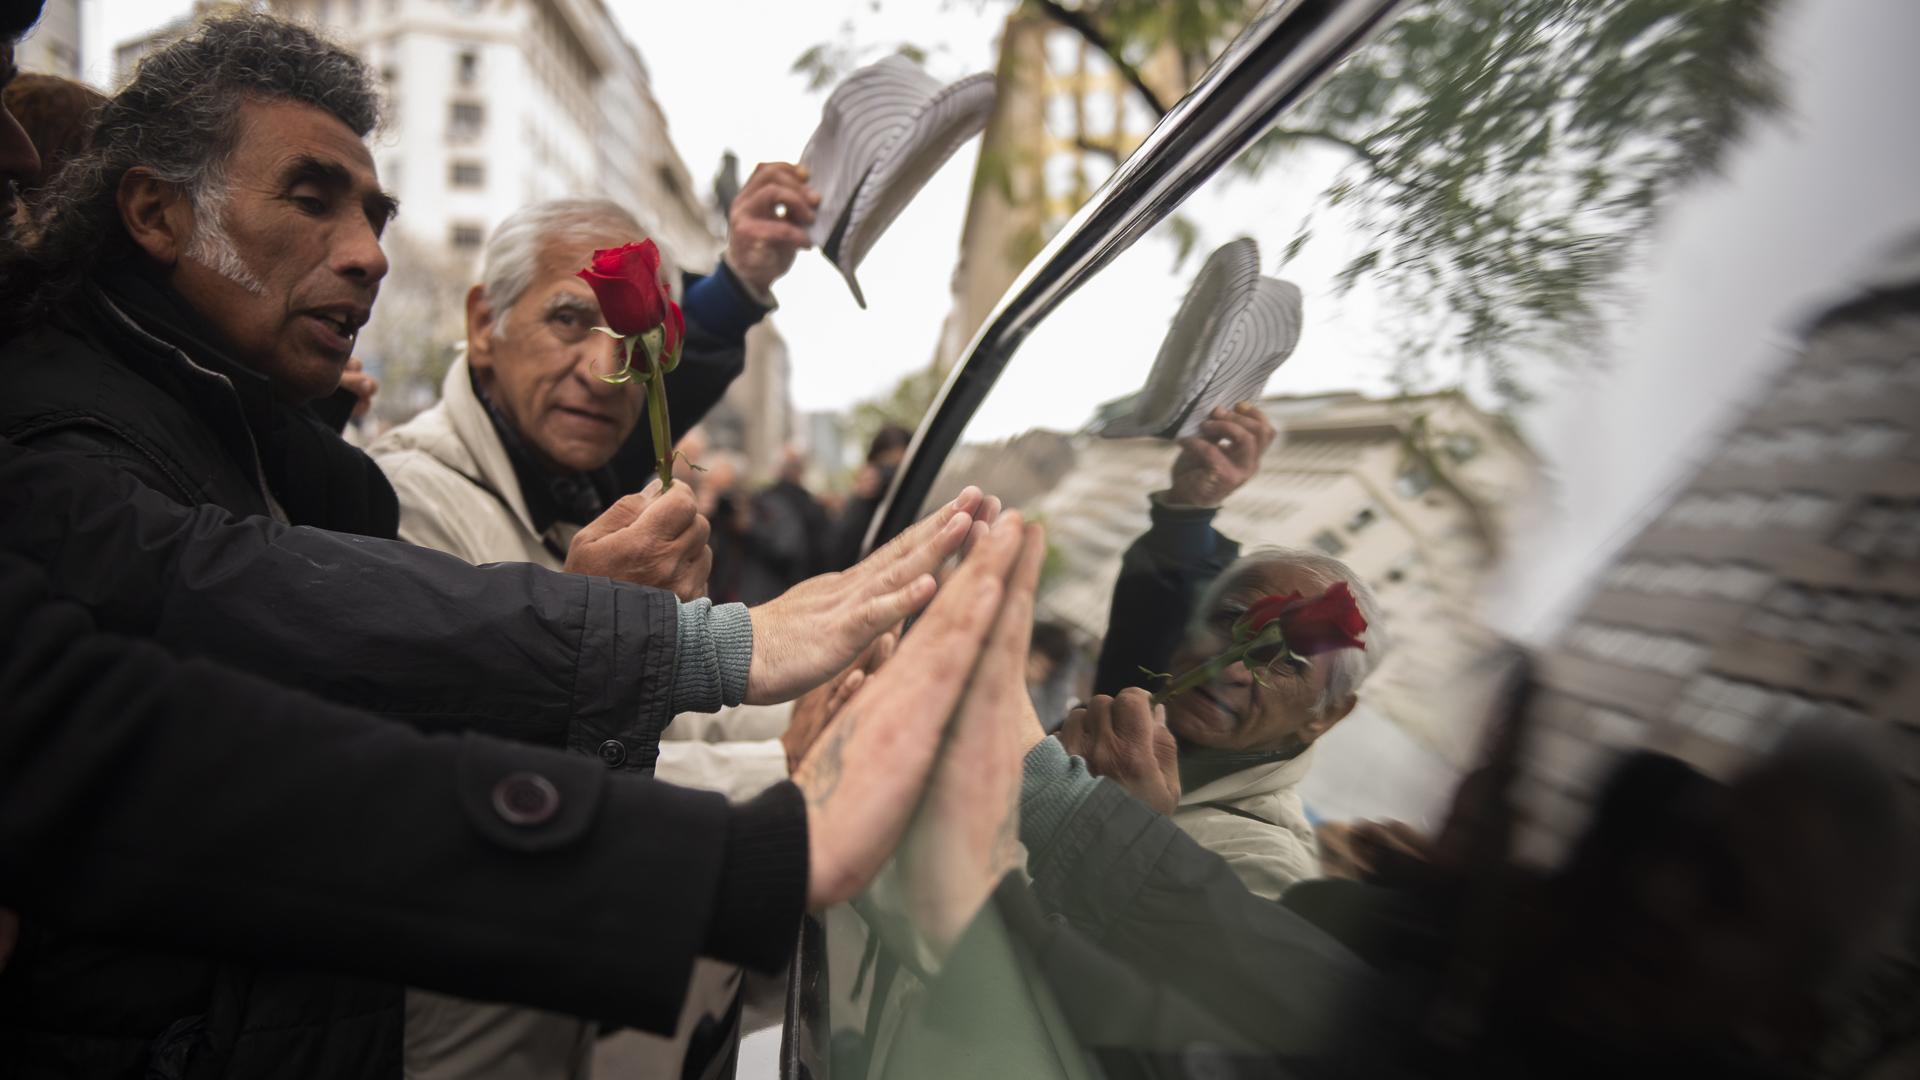 El triste adios al gran Cacho de Buenos Aires (Adrián Escandar)